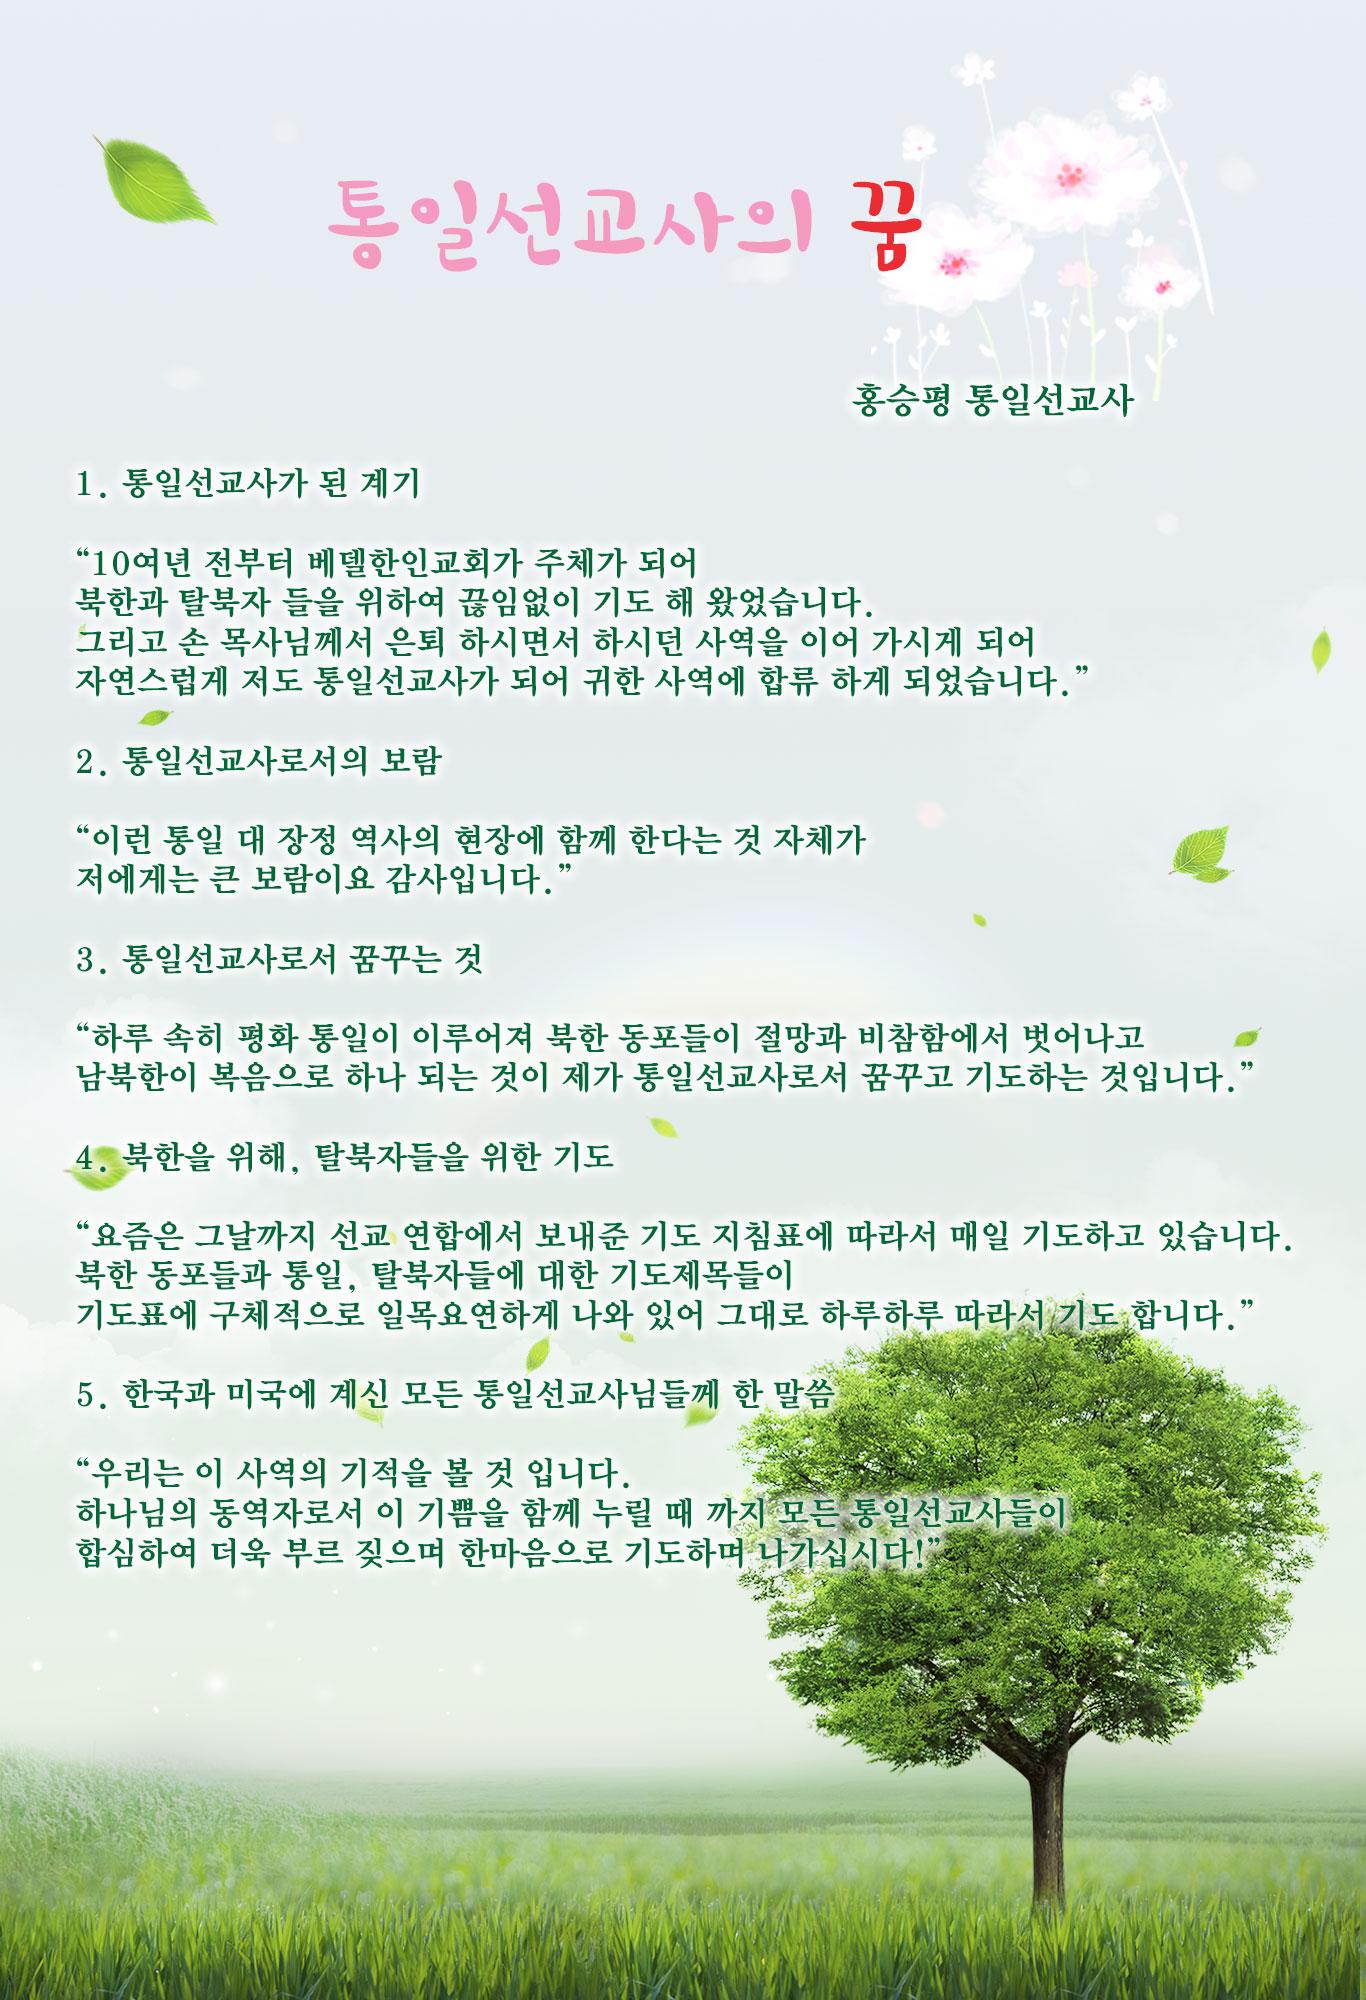 통일선교사의꿈_홍승평통일선교사.jpg